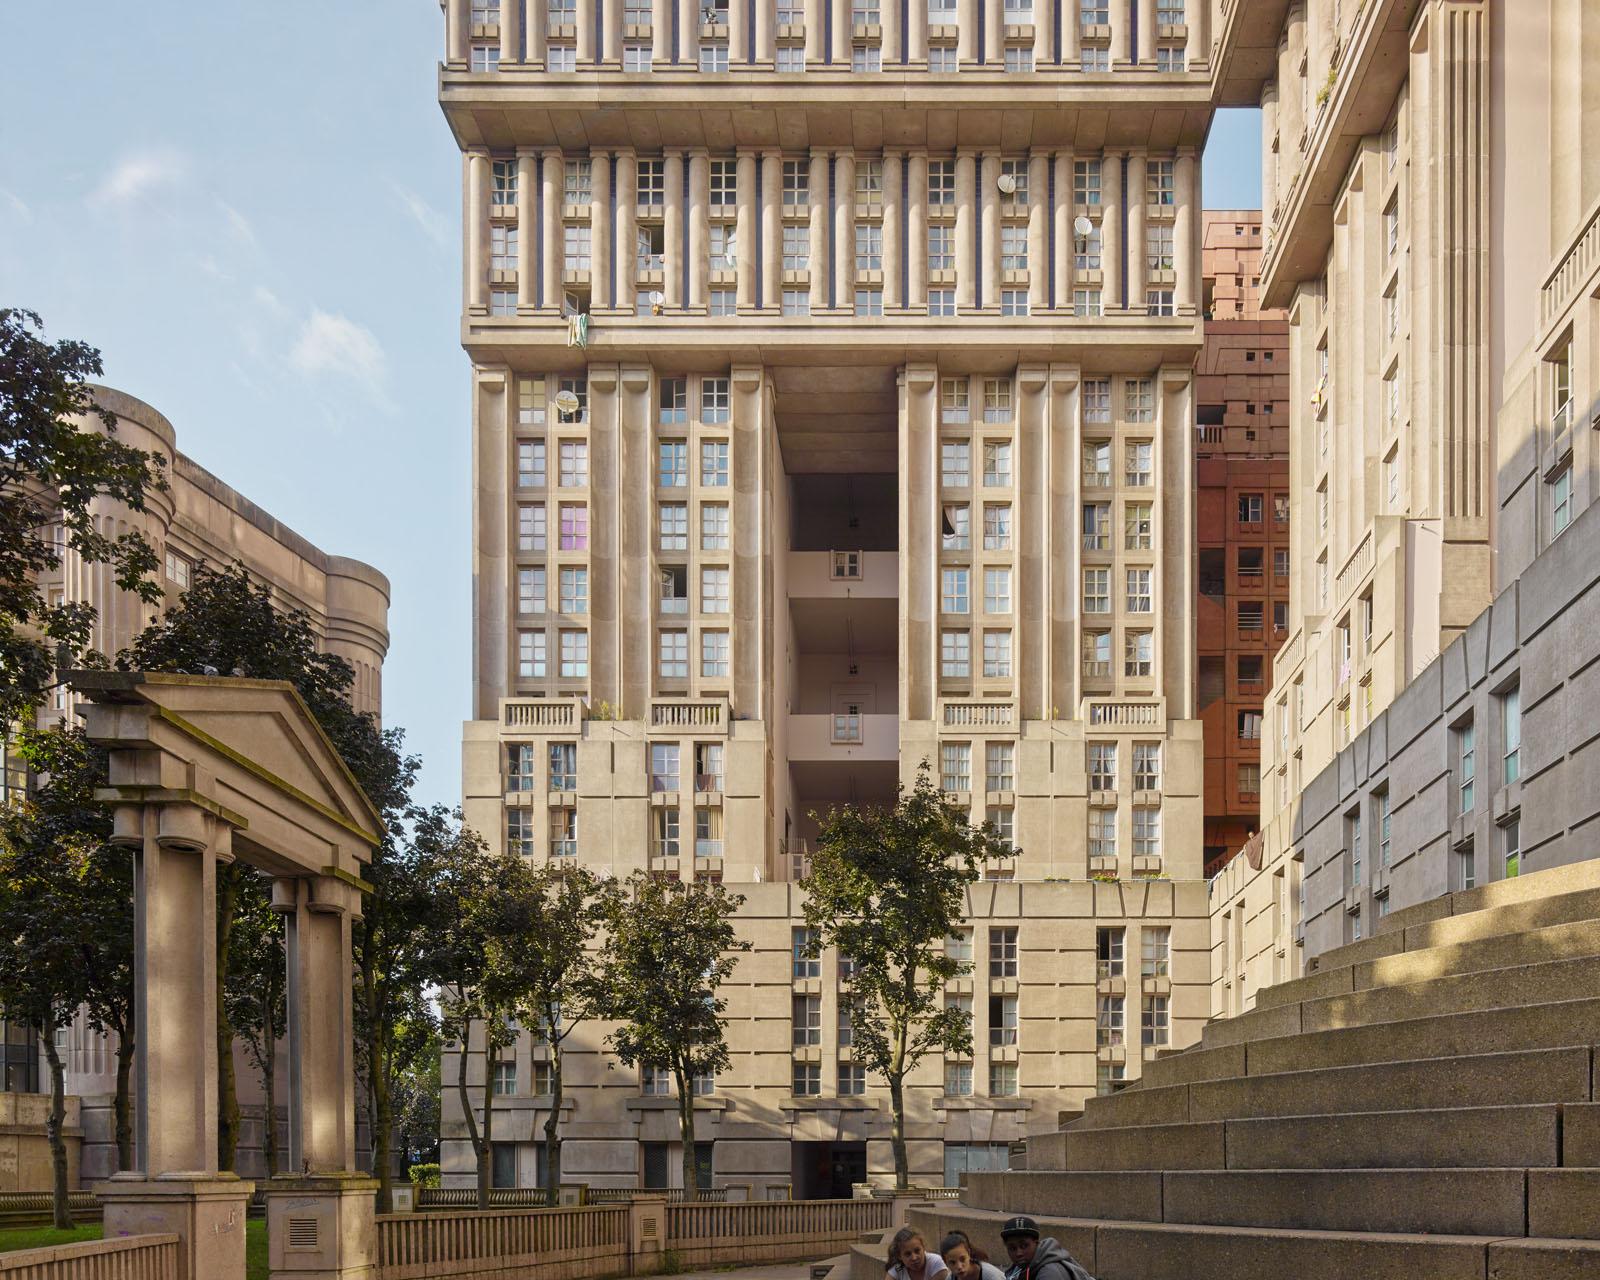 Espaces abraxas noisy le grand 11 idesignarch interior for Architecture noisy le grand